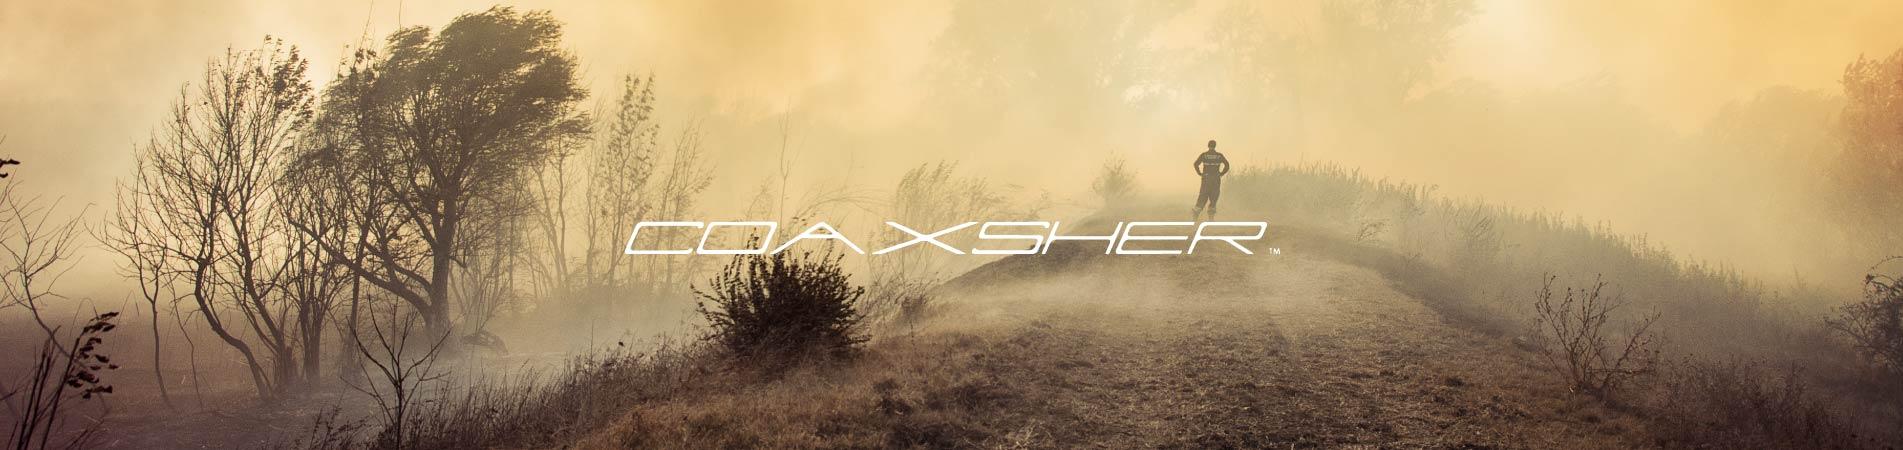 coaxsher-brand-banner-v1r2.jpg